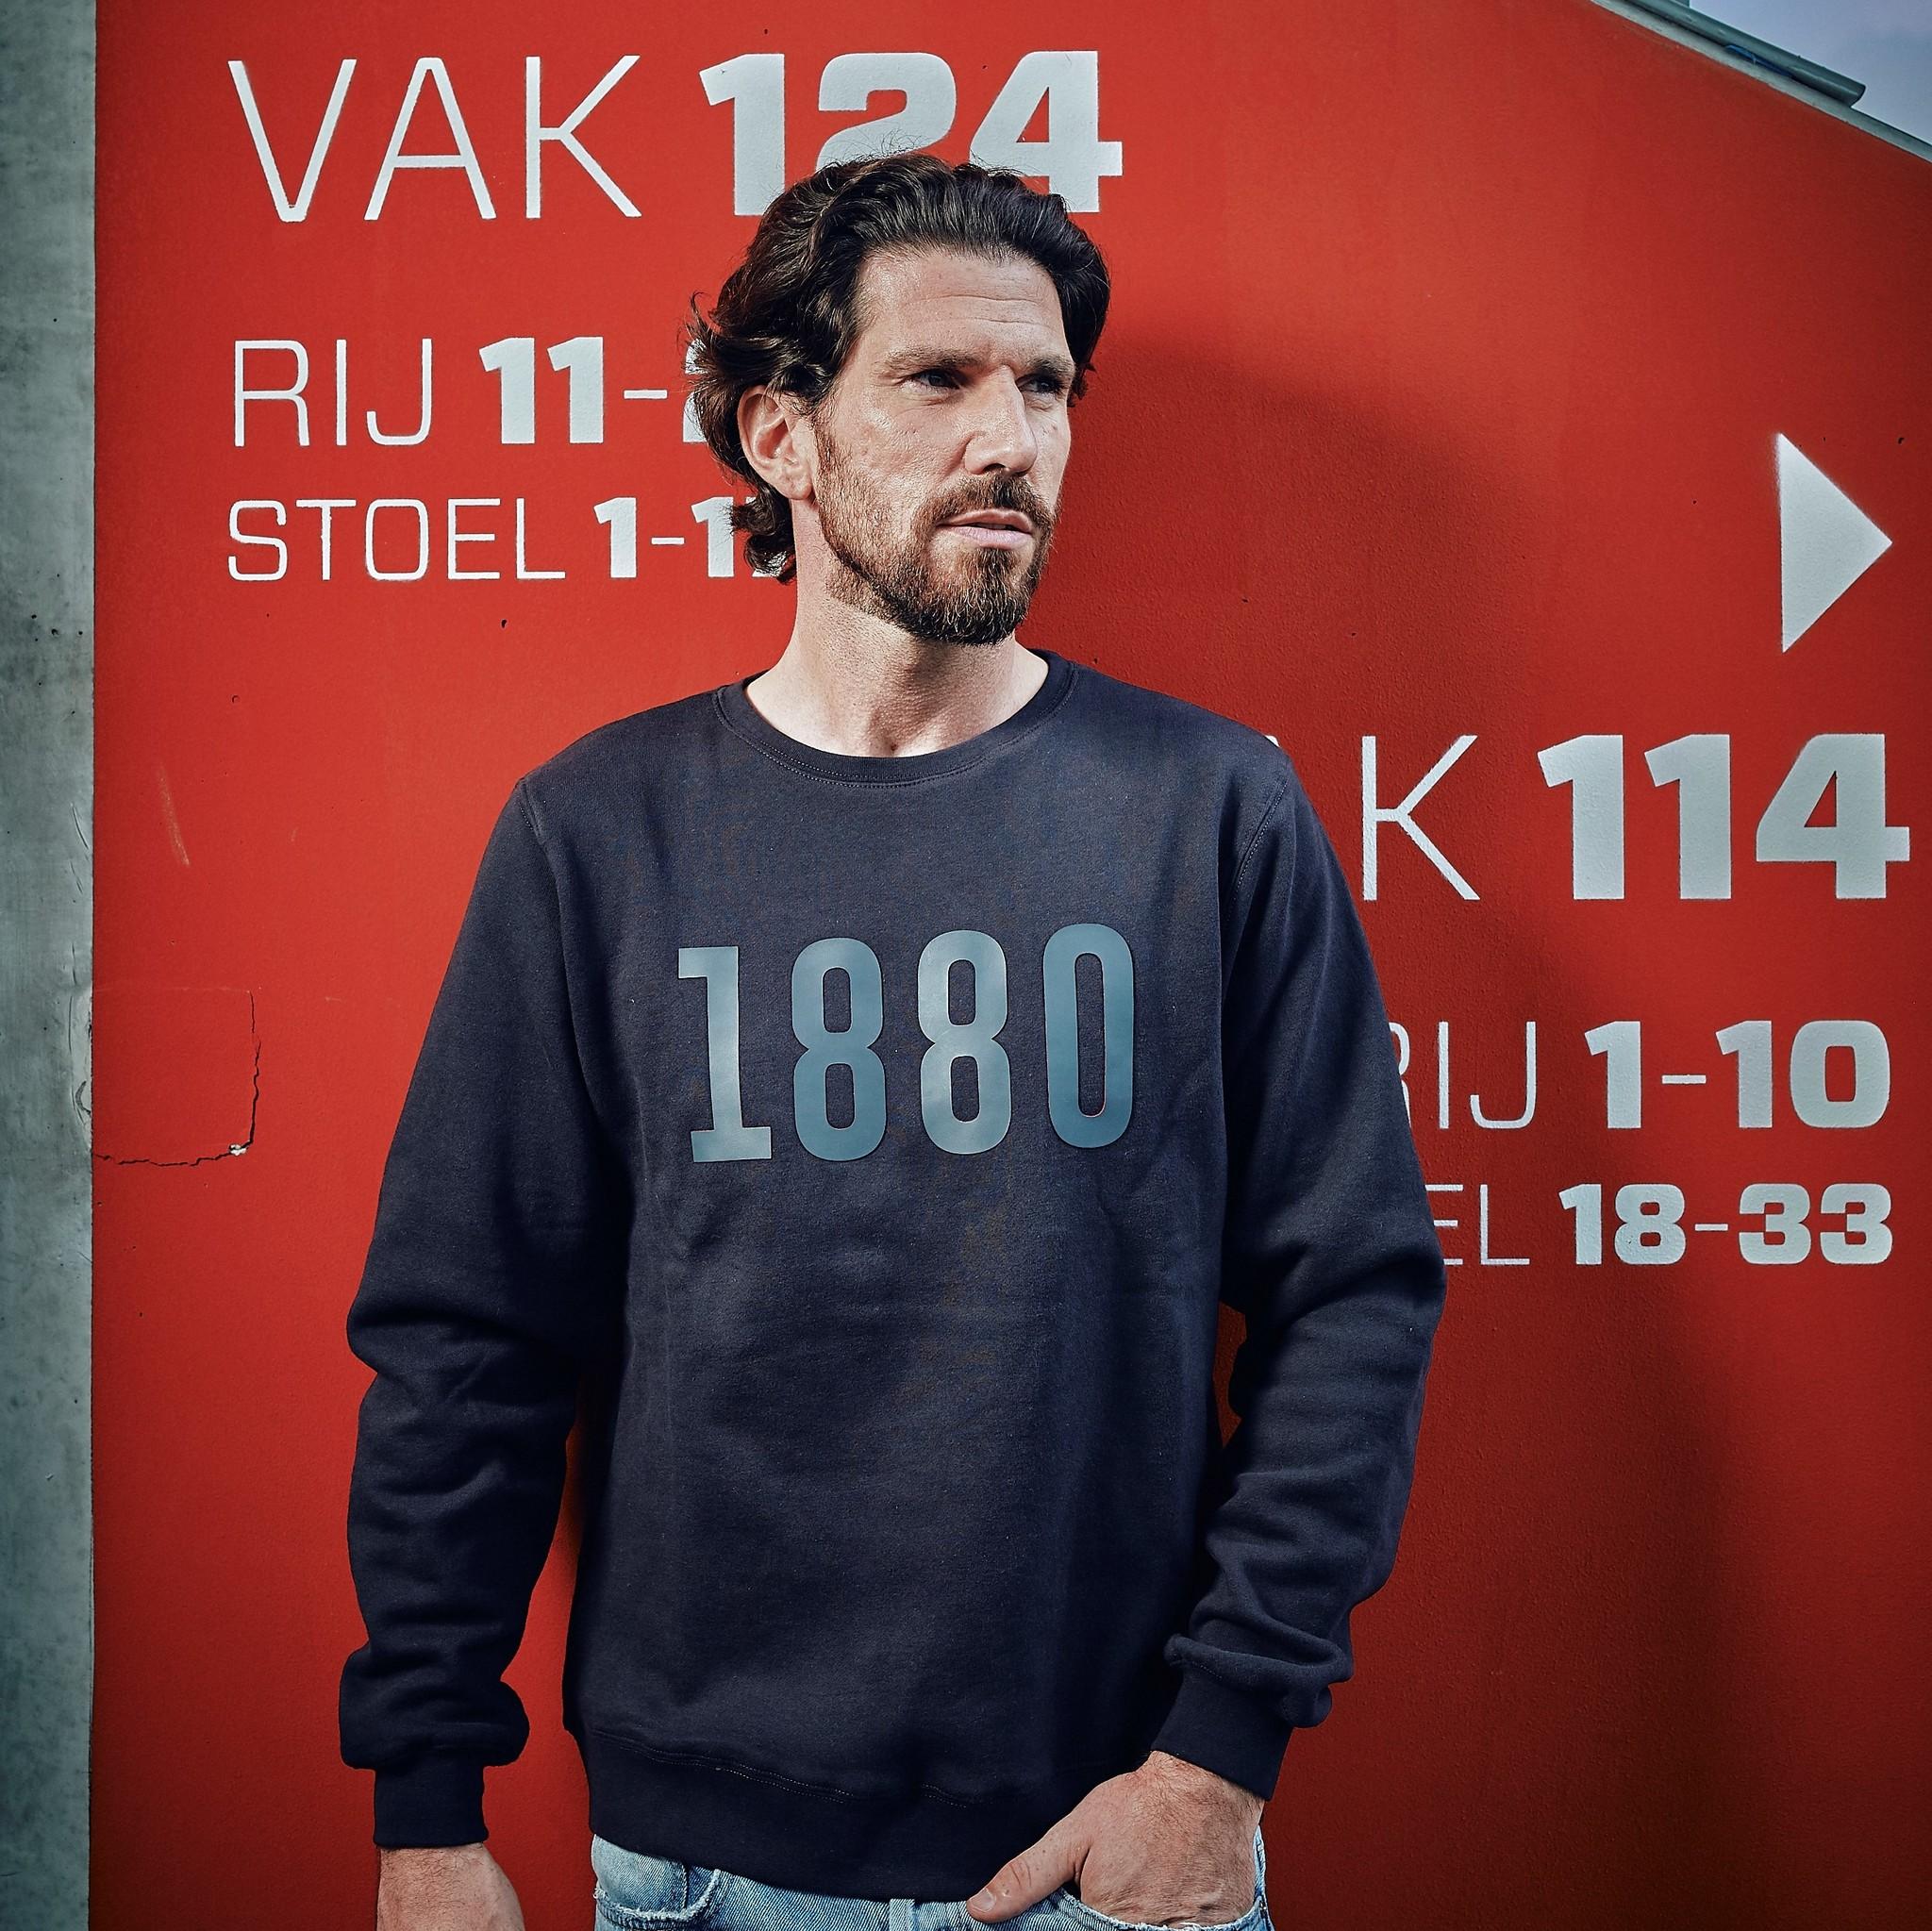 RAFC Crewneck Sweater Grijs - 1880-3